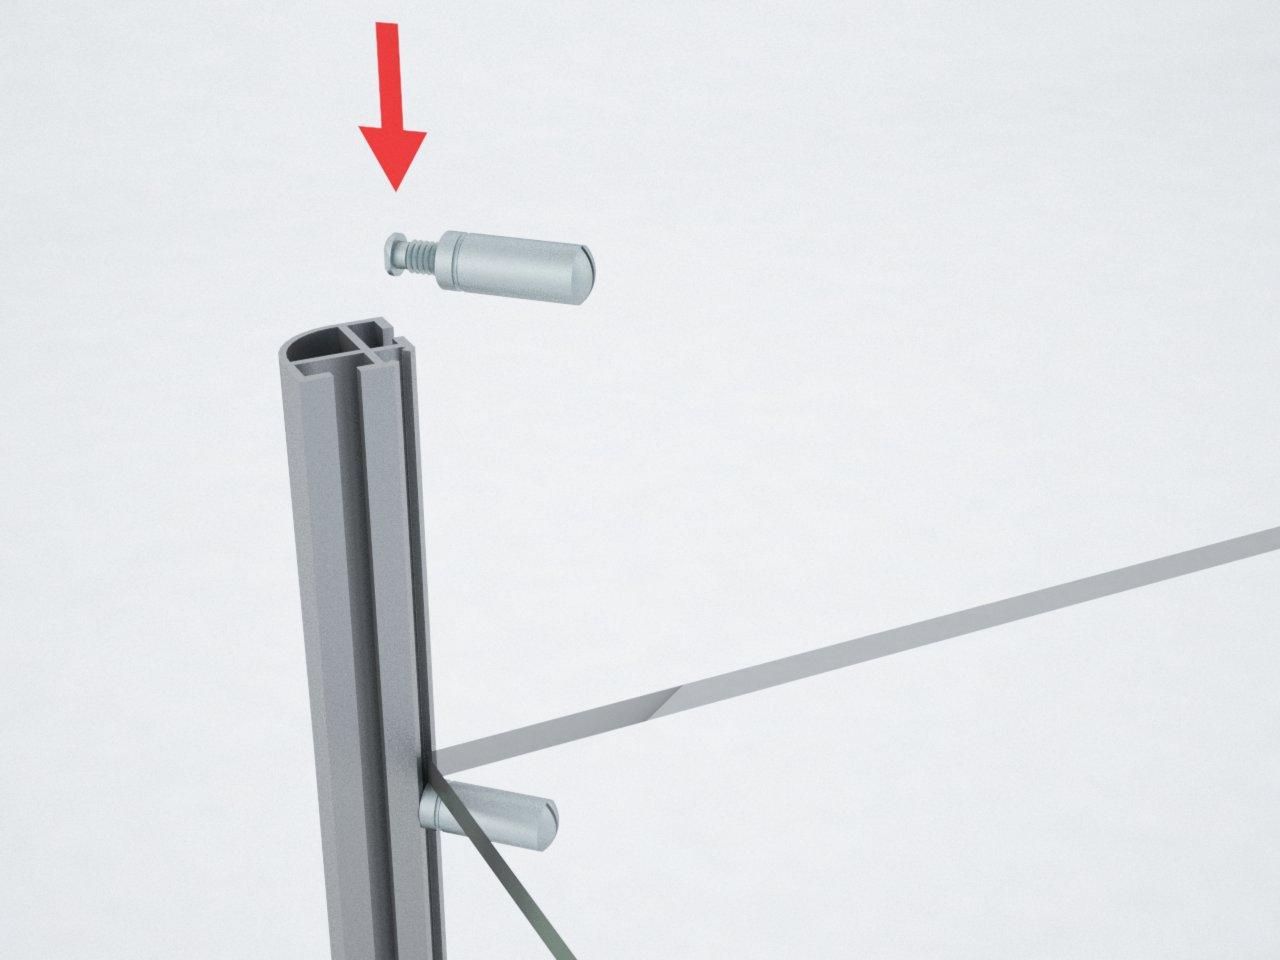 Pino de suporte para prateleira com encaixe no perfil C100